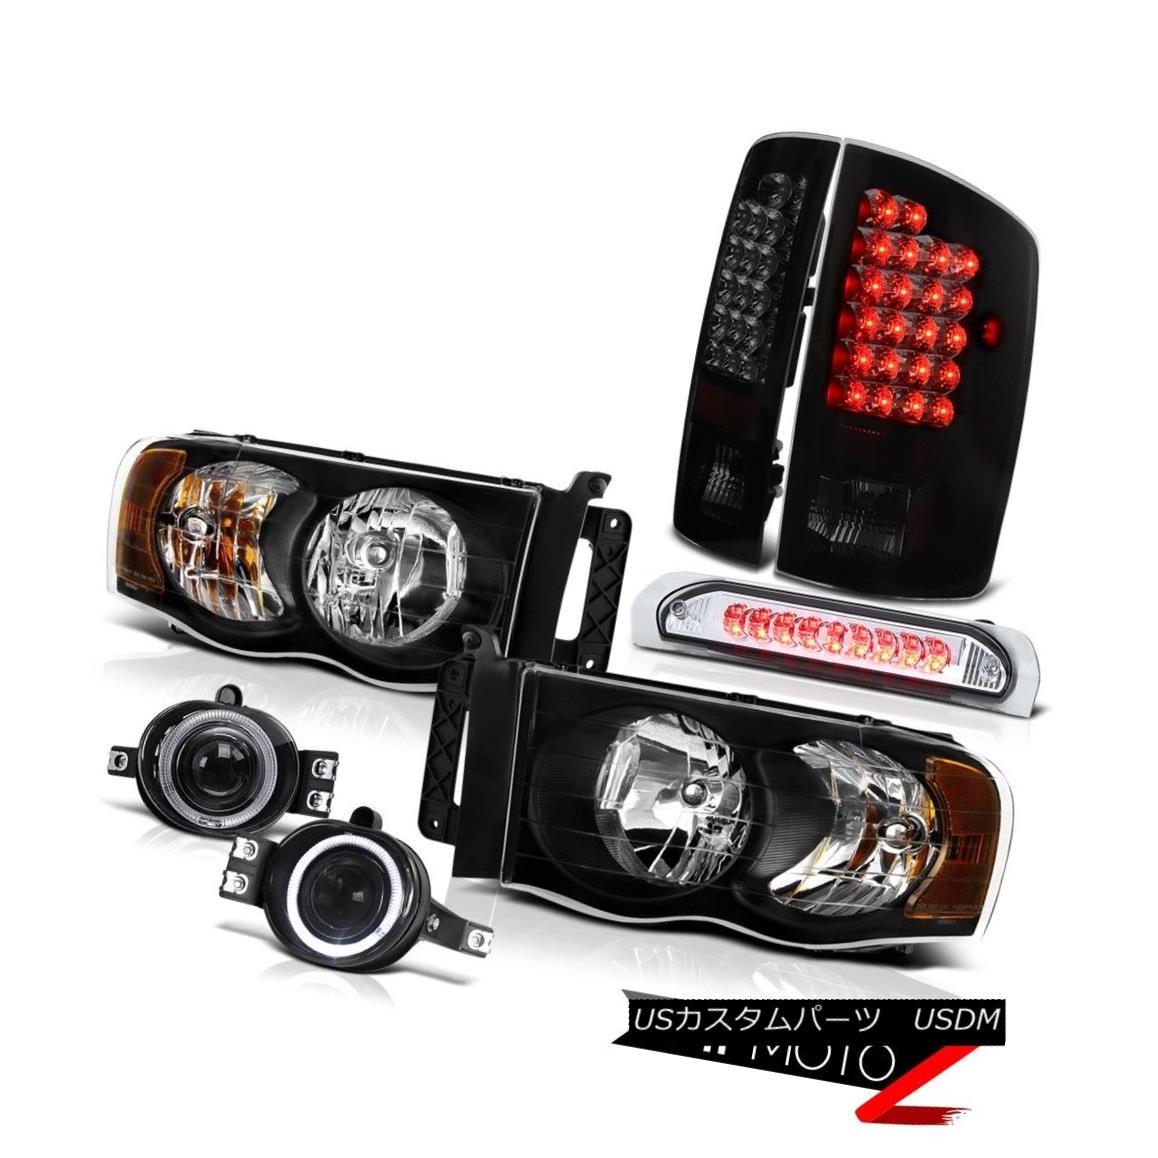 テールライト Dodge Ram 3500 5.9L SLT DRL Headlamps+Bumper Fog+3rd Brake+LED Taillights Dodge Ram 3500 5.9L SLT DRLヘッドライト+バンプ霧+第3ブレーキ+ LED曇り